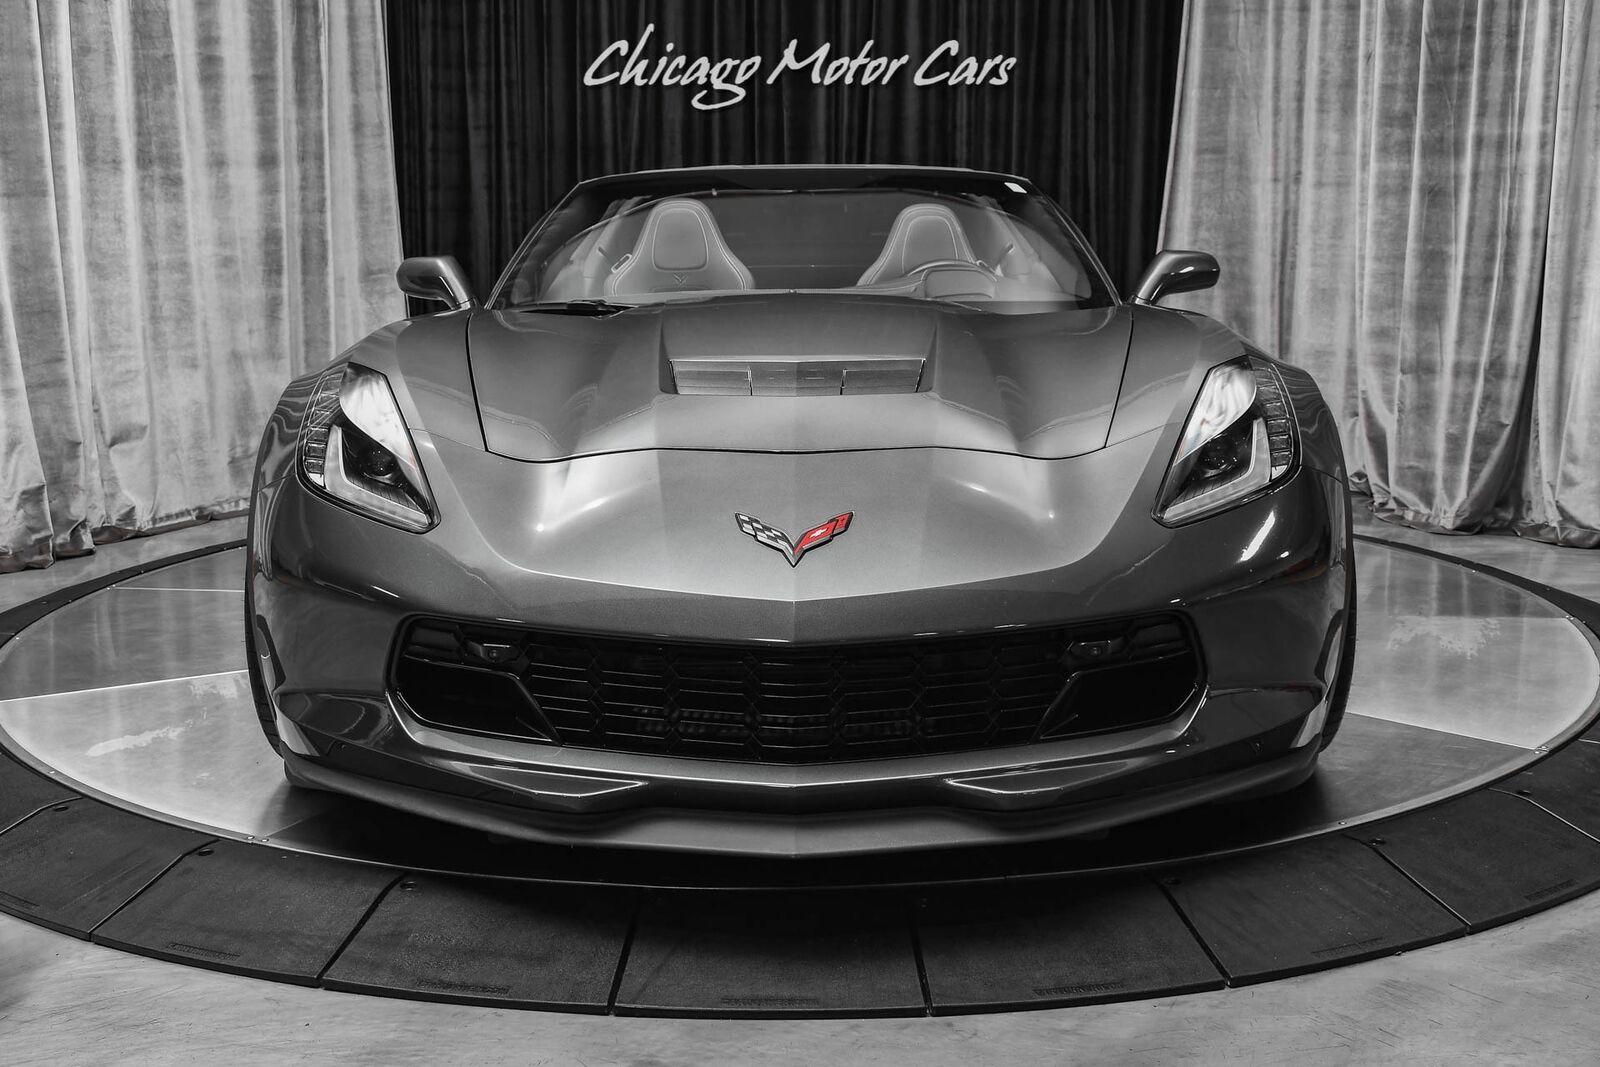 2017 Gray Chevrolet Corvette Grand Sport 2LT   C7 Corvette Photo 7